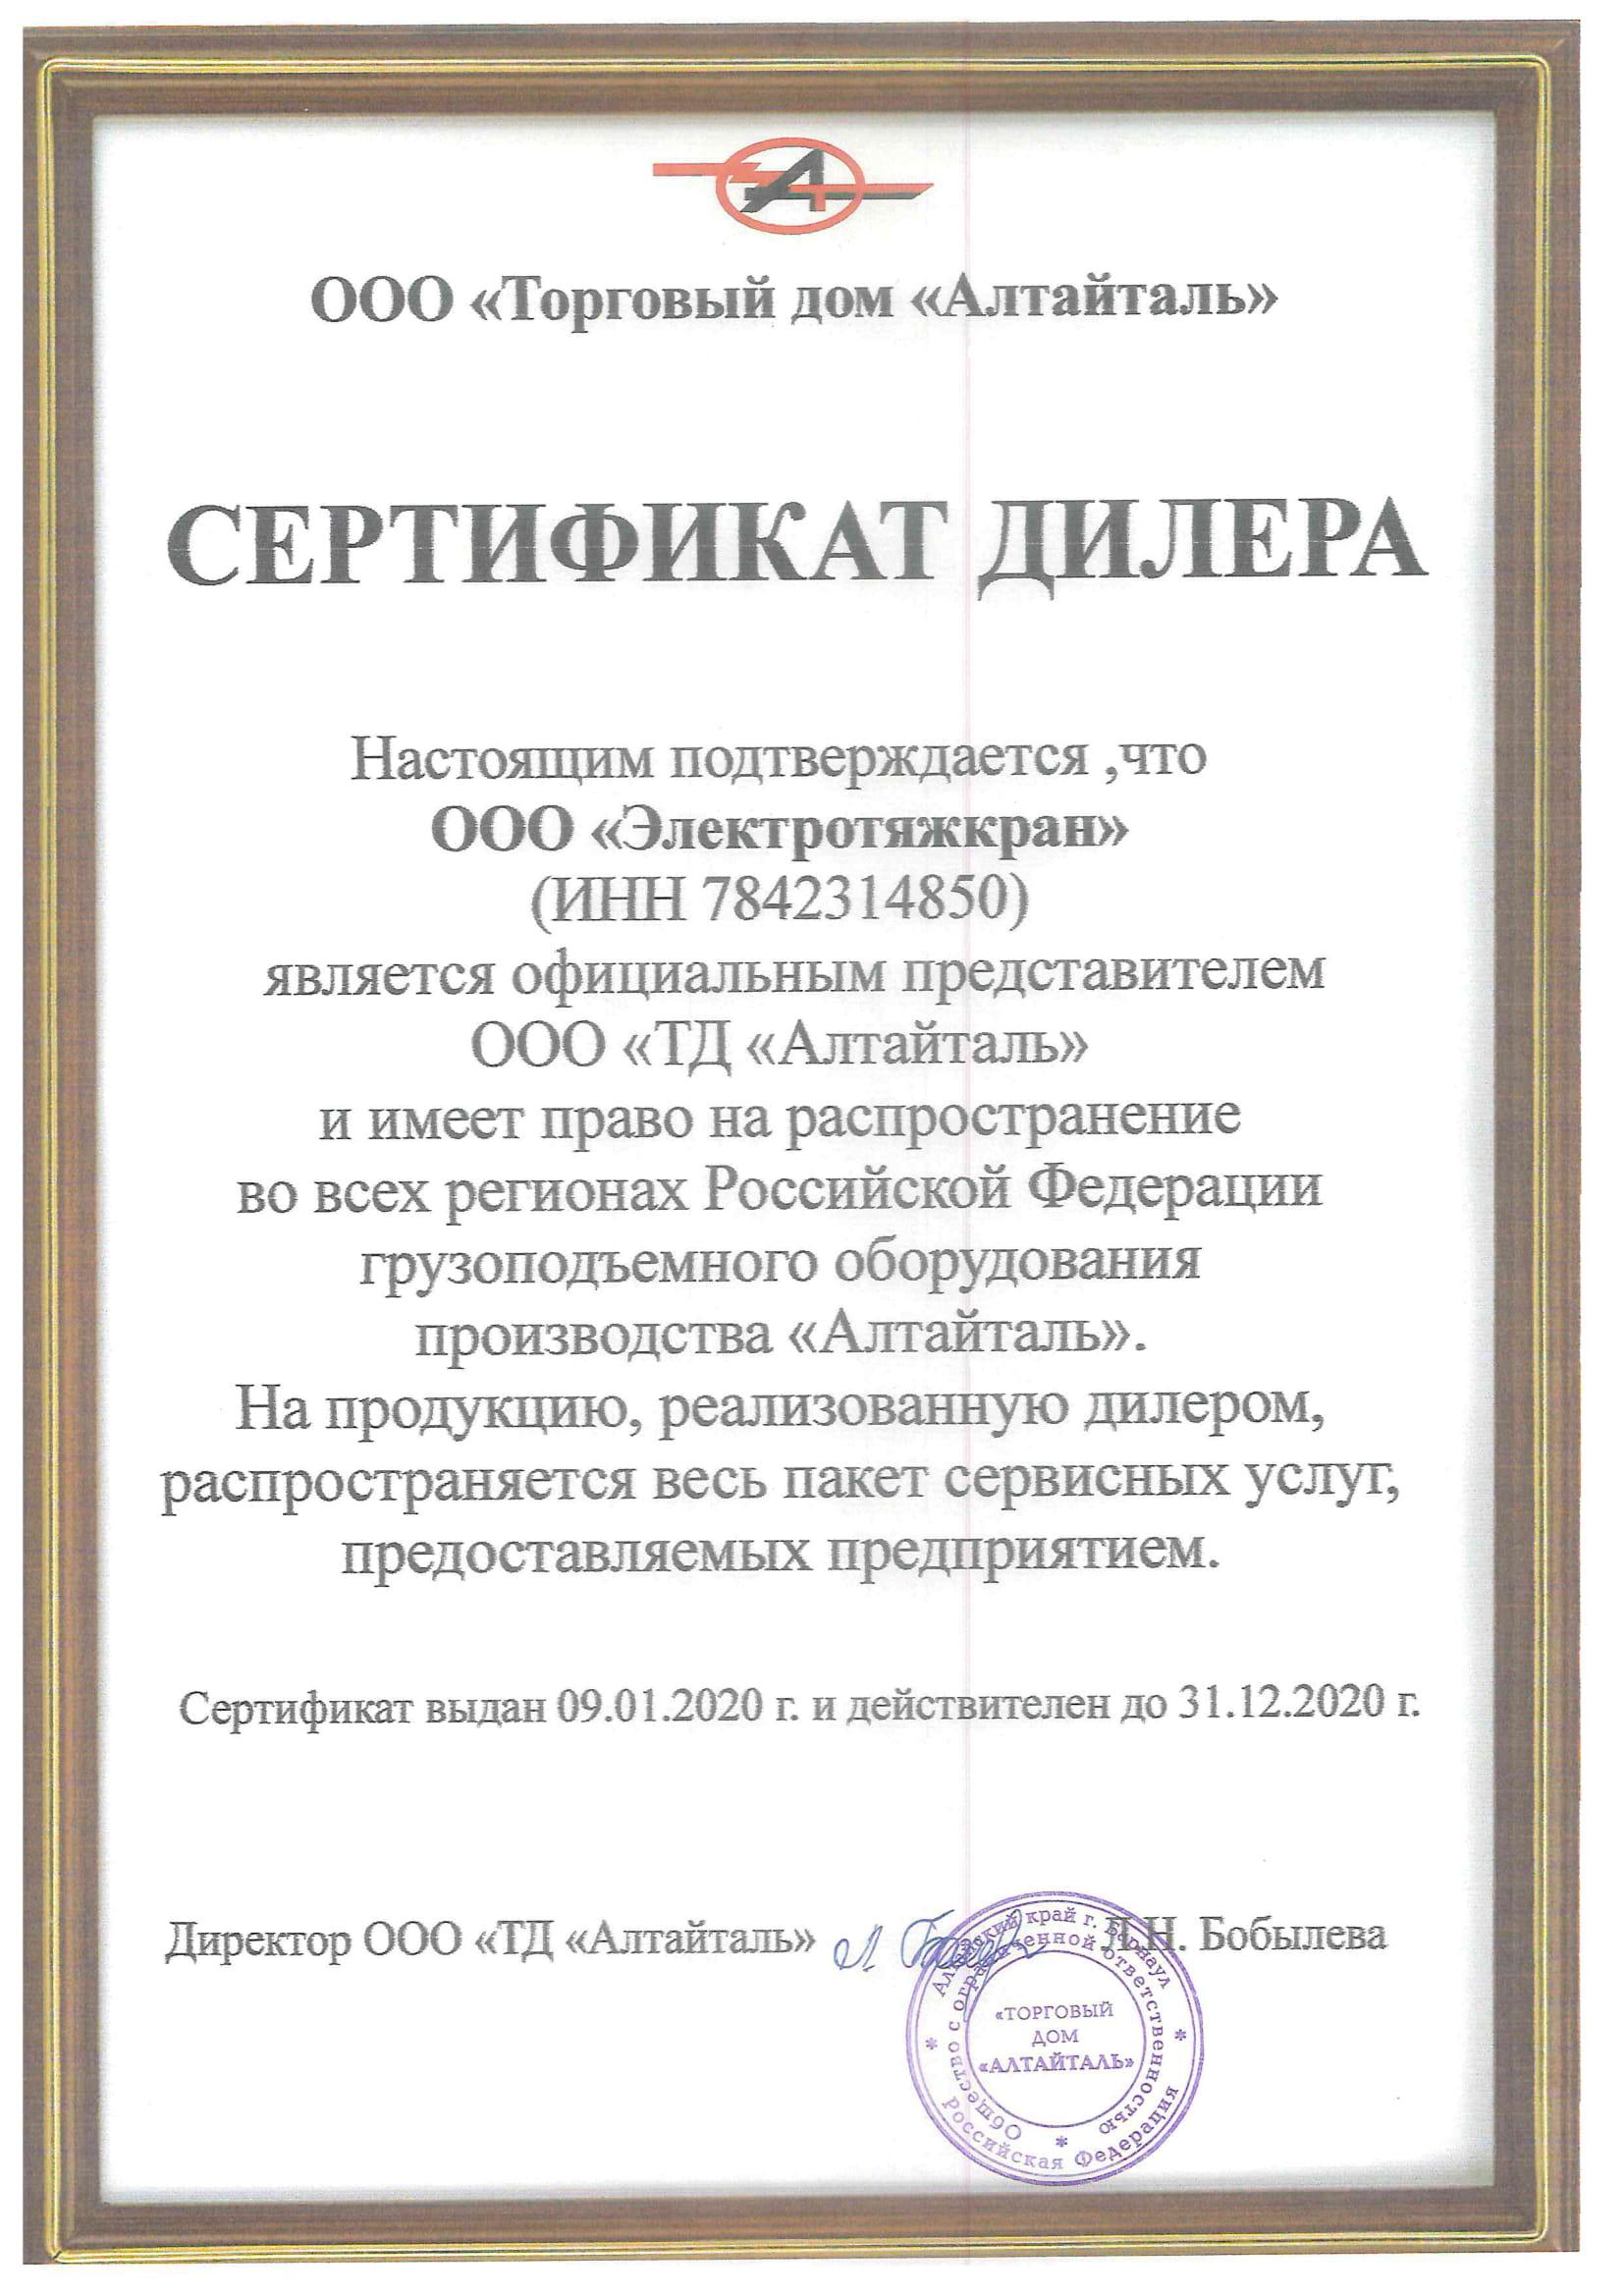 Представительство Алтайталь